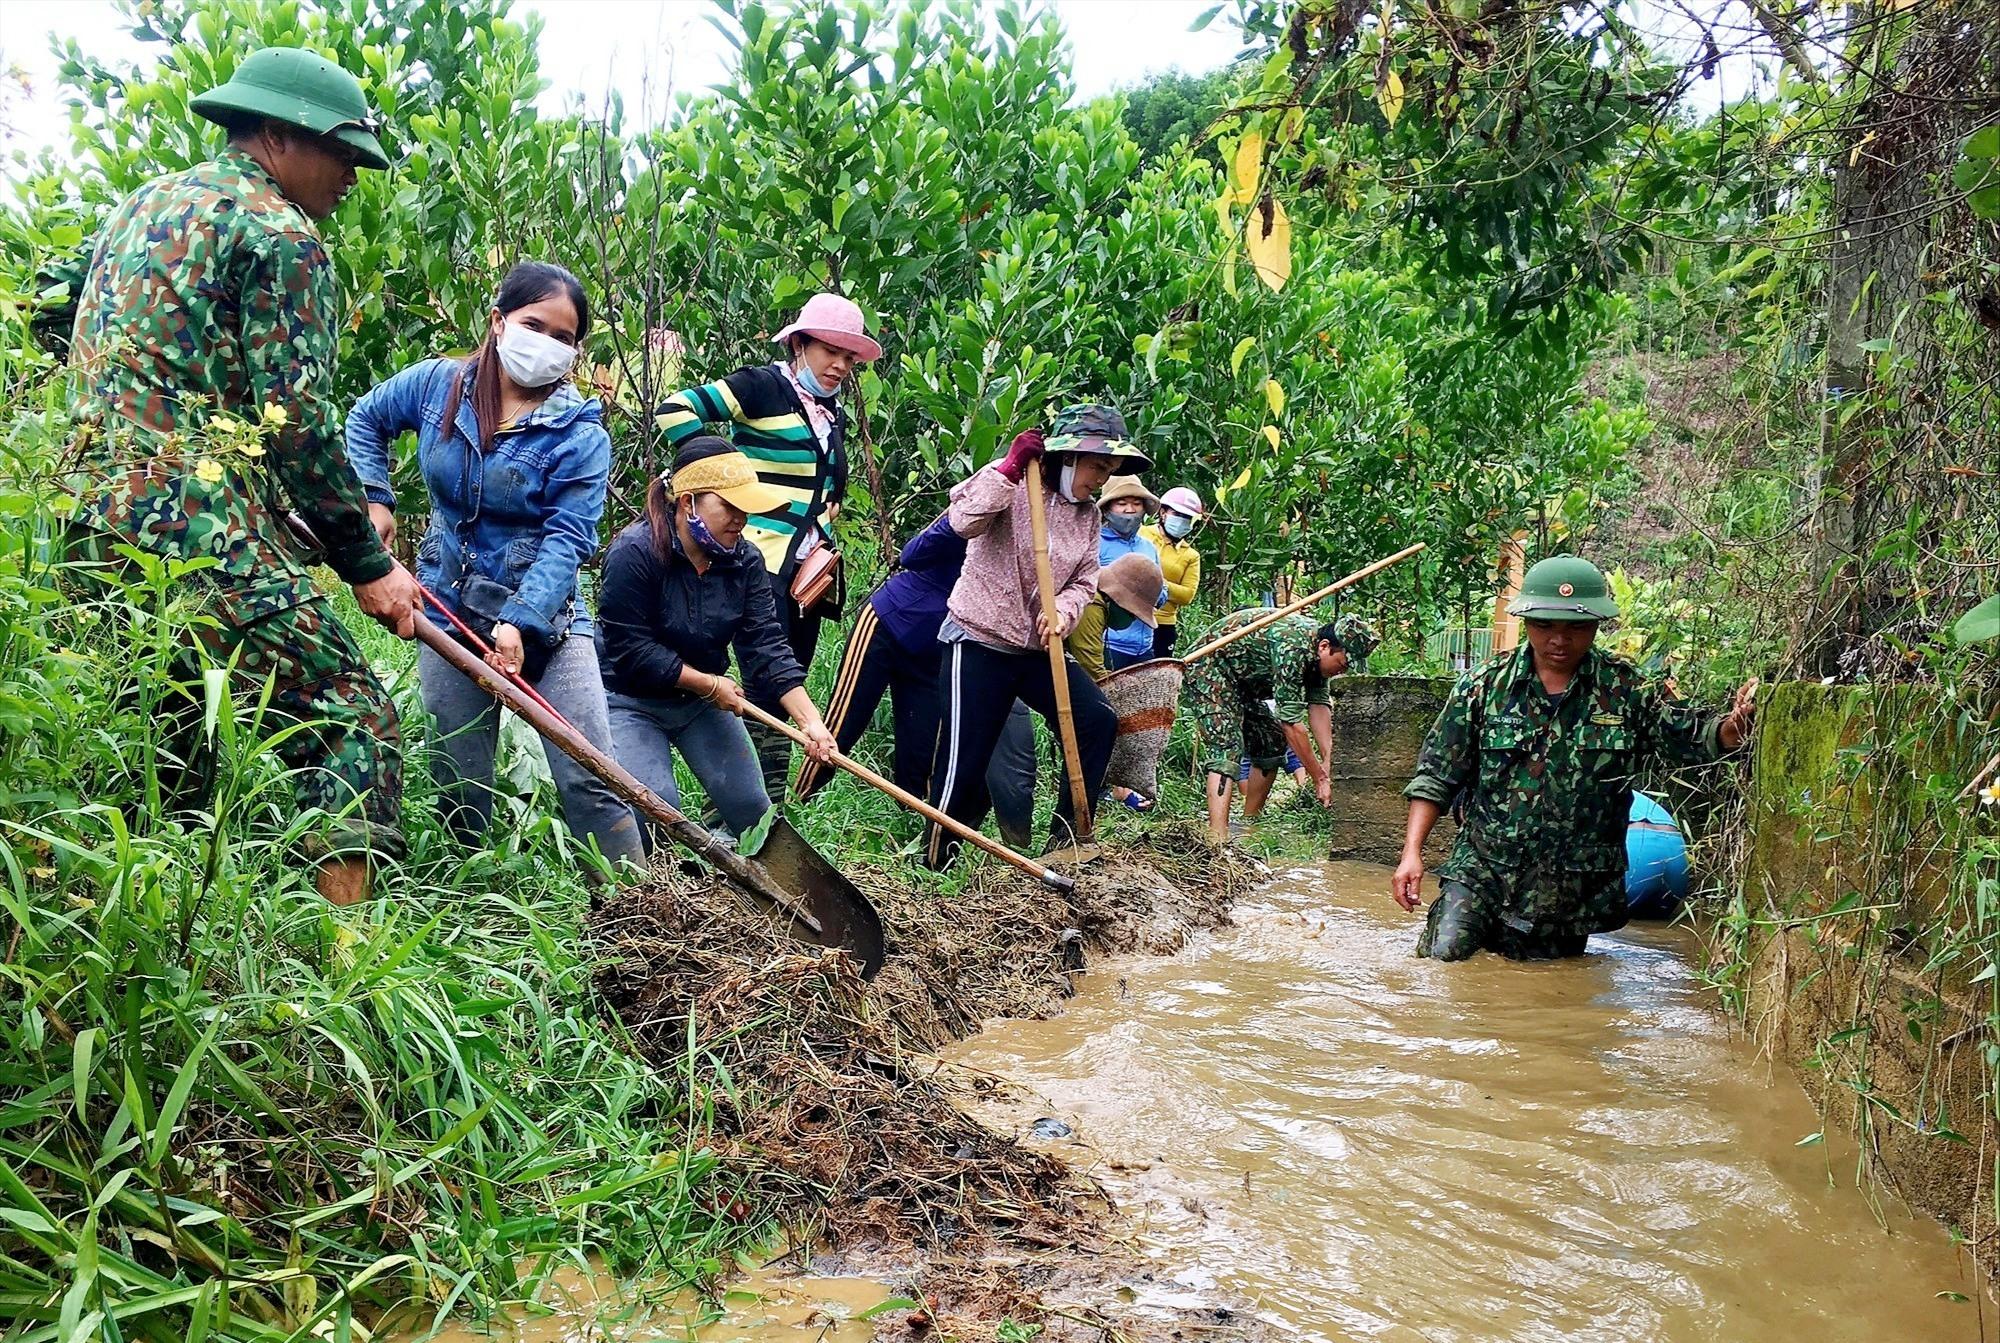 Cùng nhân dân tham gia nạo vét, khơi thông nguồn nước sinh hoạt. Ảnh: A.N